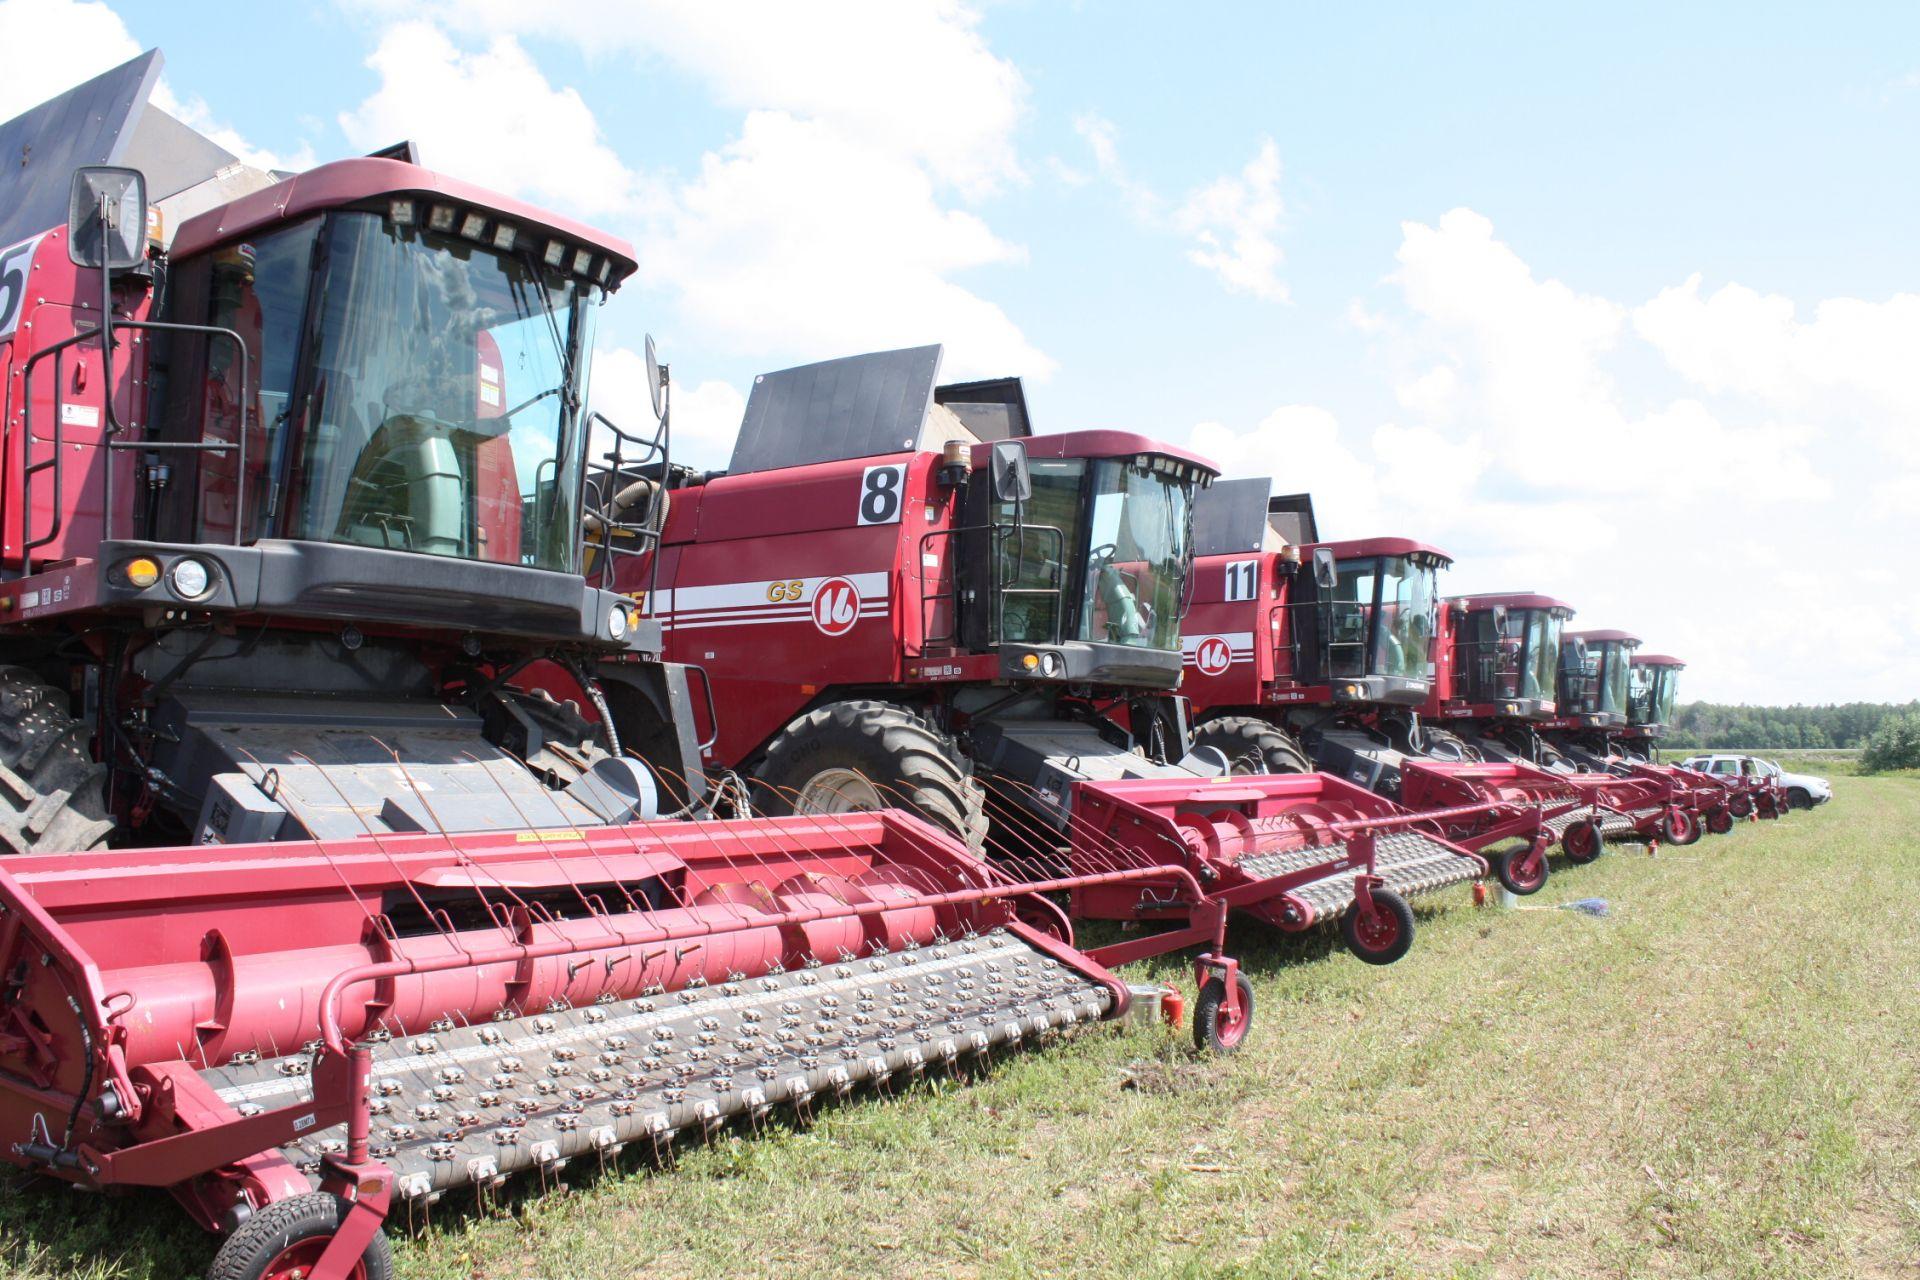 оценка сельскохозяйственной техники